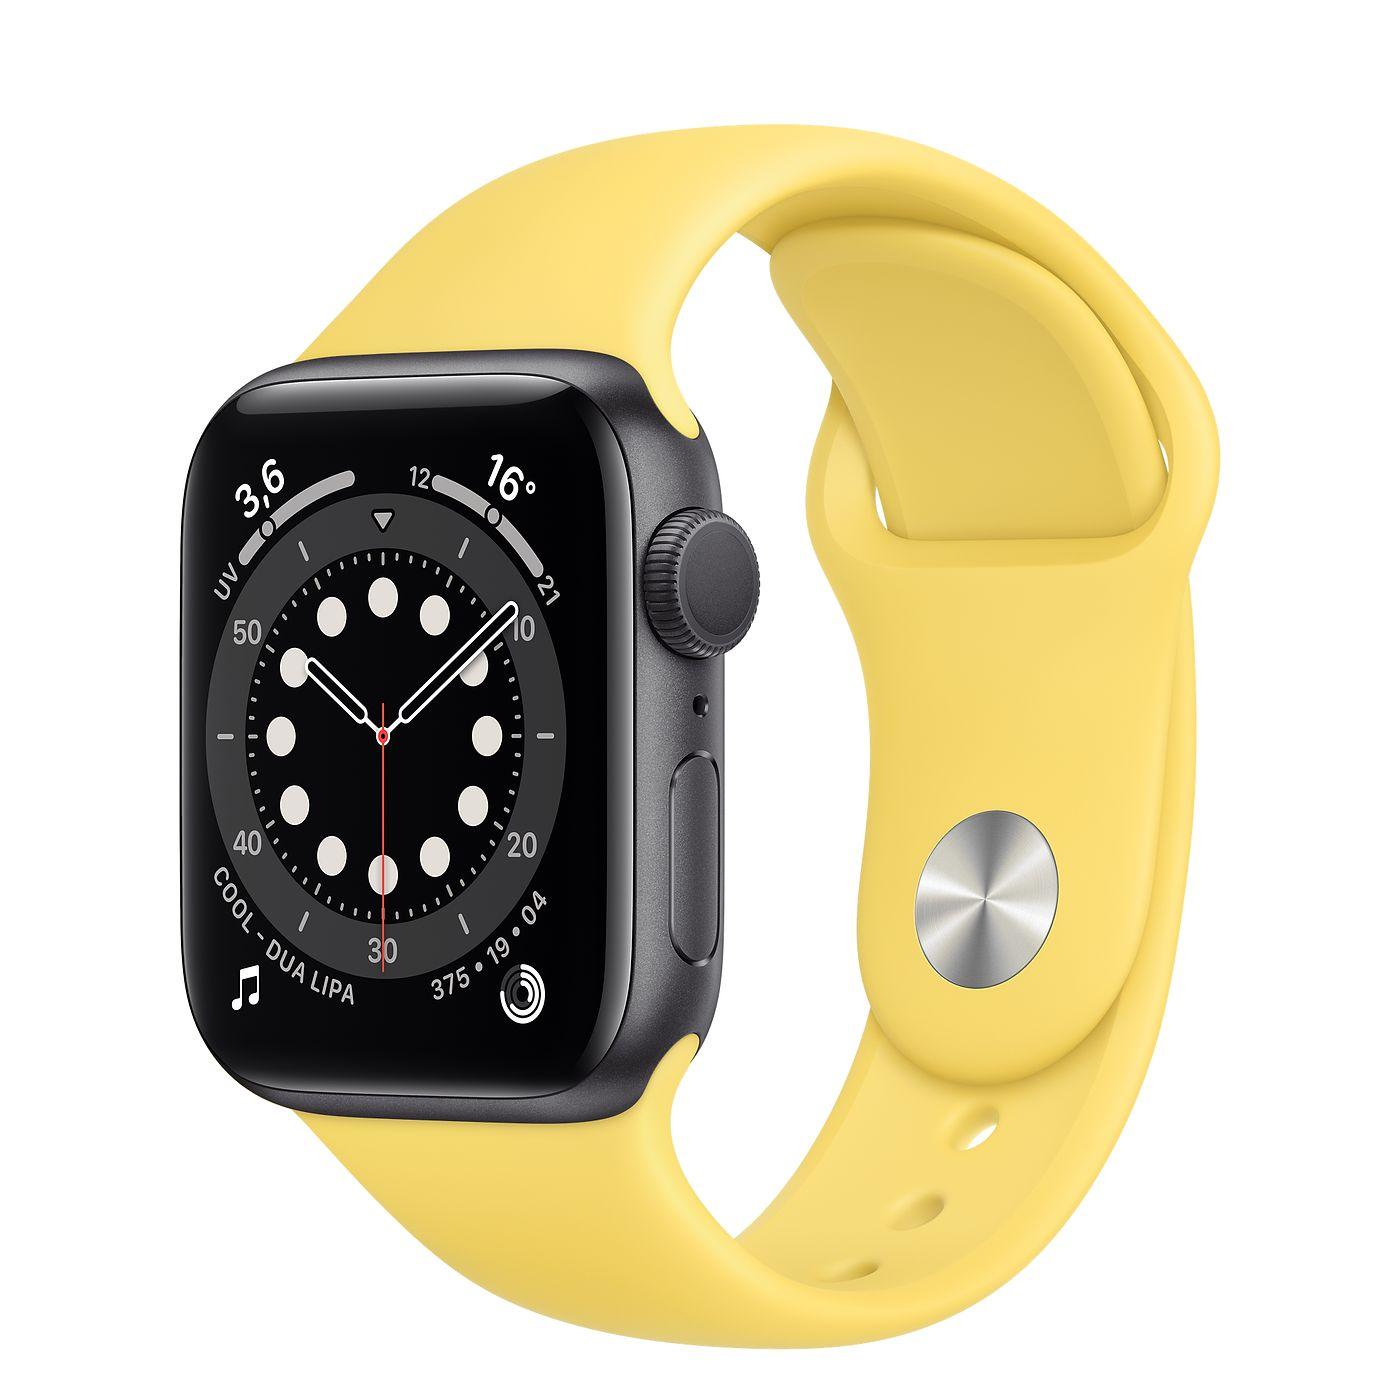 MGQR3_VW_34FR+watch-40-alum-spacegray-nc-6s_VW_34FR_WF_CO_GEO_FR